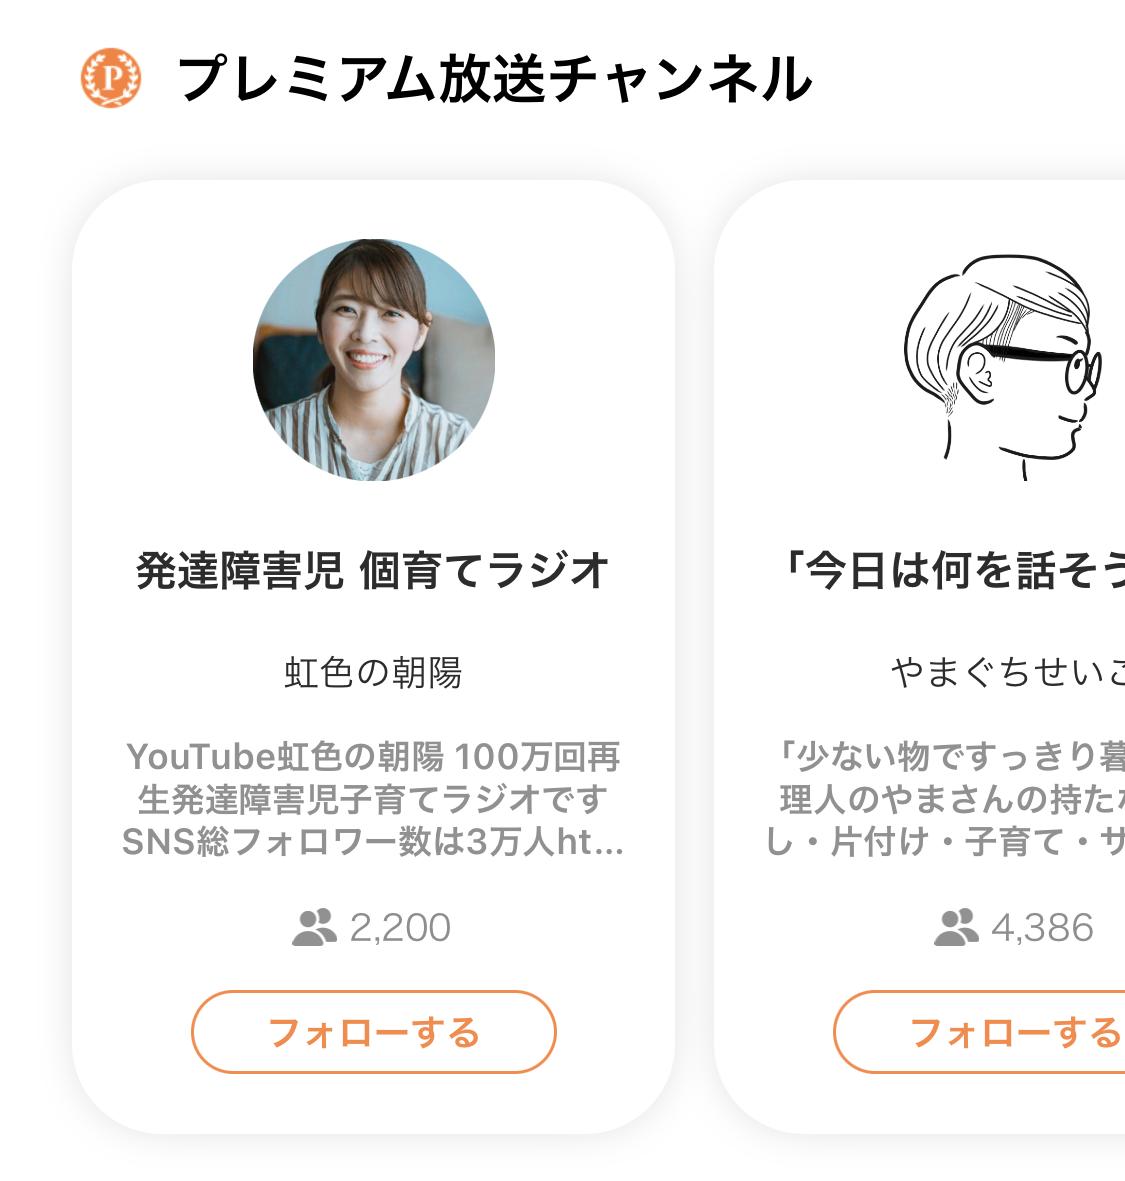 Voicyプレミアム放送チャンネル